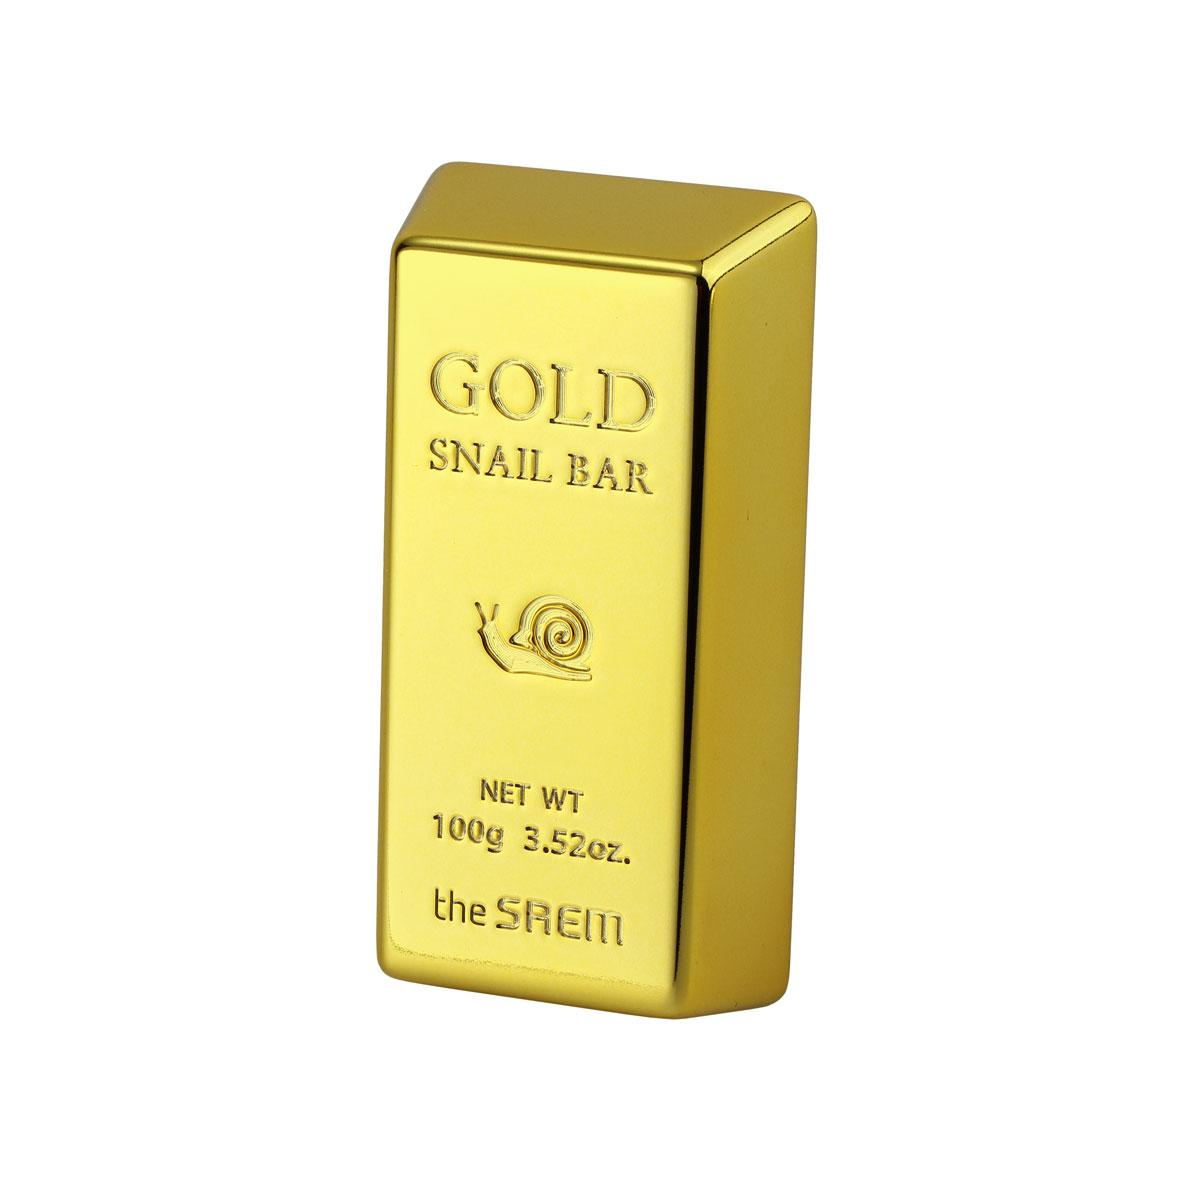 The Saem Мыло для умывания с экстрактом золота, муцина улитки, оливы Gold Snail Bar, 100 грСМ840Мыло эффективно очищяет кожу от любых ежедневных зягрязнений, при этом питает кожу и способствует регенерации клеток кожи. Экстракт золота в составе имеет бактерицидное действие и в значительной мере увеличивает способность кожи к впитыванию, сохранению влаги, а ткаже исполняет роль проводника для биологически активных элементов: растительных экстрактов и витаминов. Экстракт оливы - особенно полезен для сухой кожи, питает, увлажняет, смягчет кожу, а так же восстанавливает здоровый цвет лица. Экстракт муцина улитки - способствует регенерации клеток кожи, питает, восстанавливает уставшую и тусклую кожу, заживляет и обесцвечивает постакне.